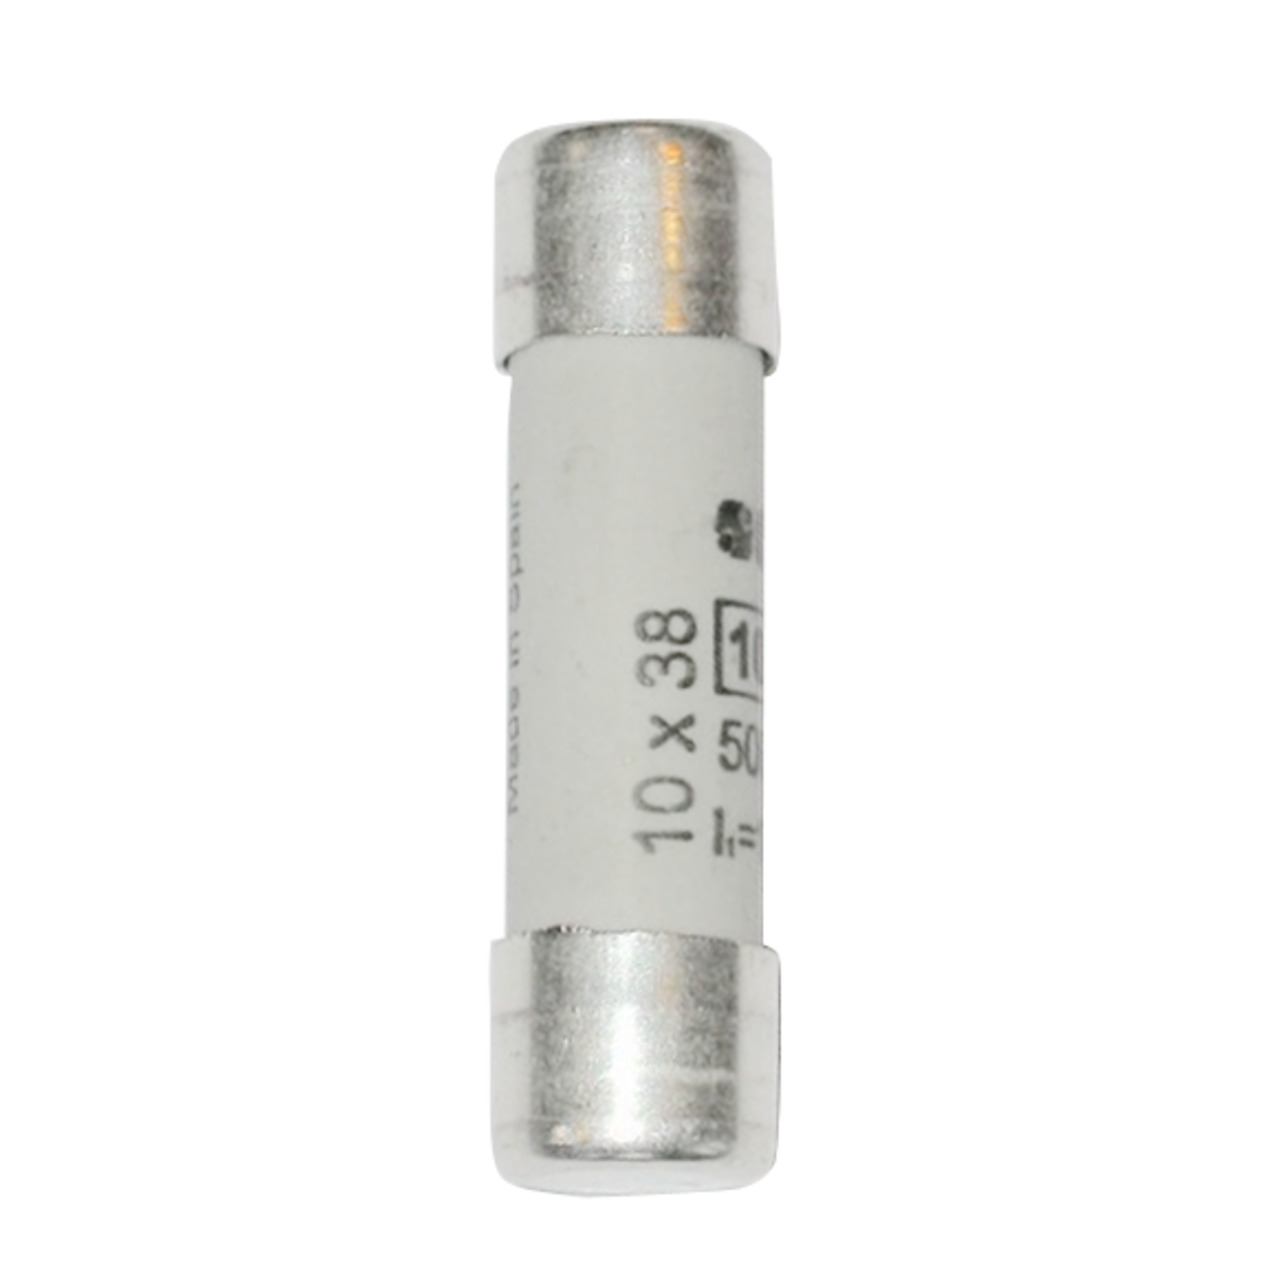 Sicherung 10A- flink 10x38 mm 1 Stück